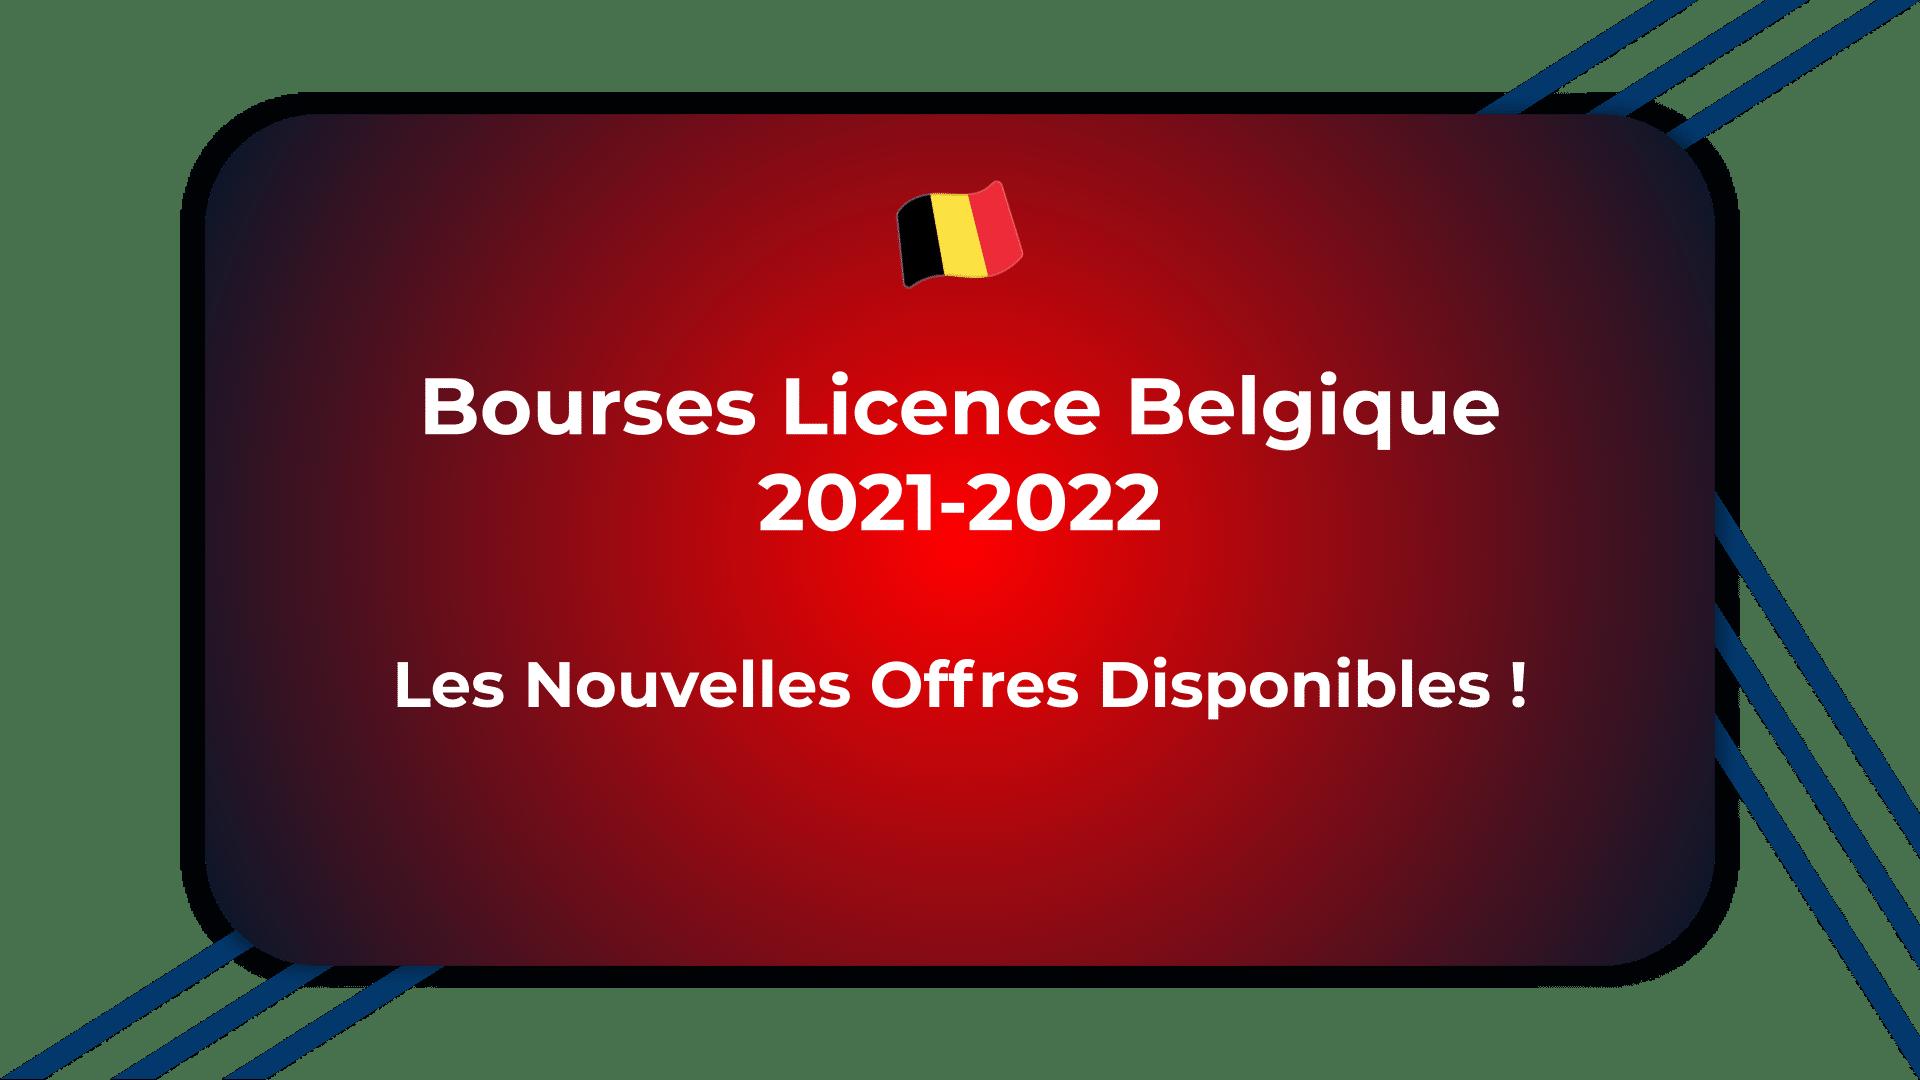 Bourses Licence Belgique